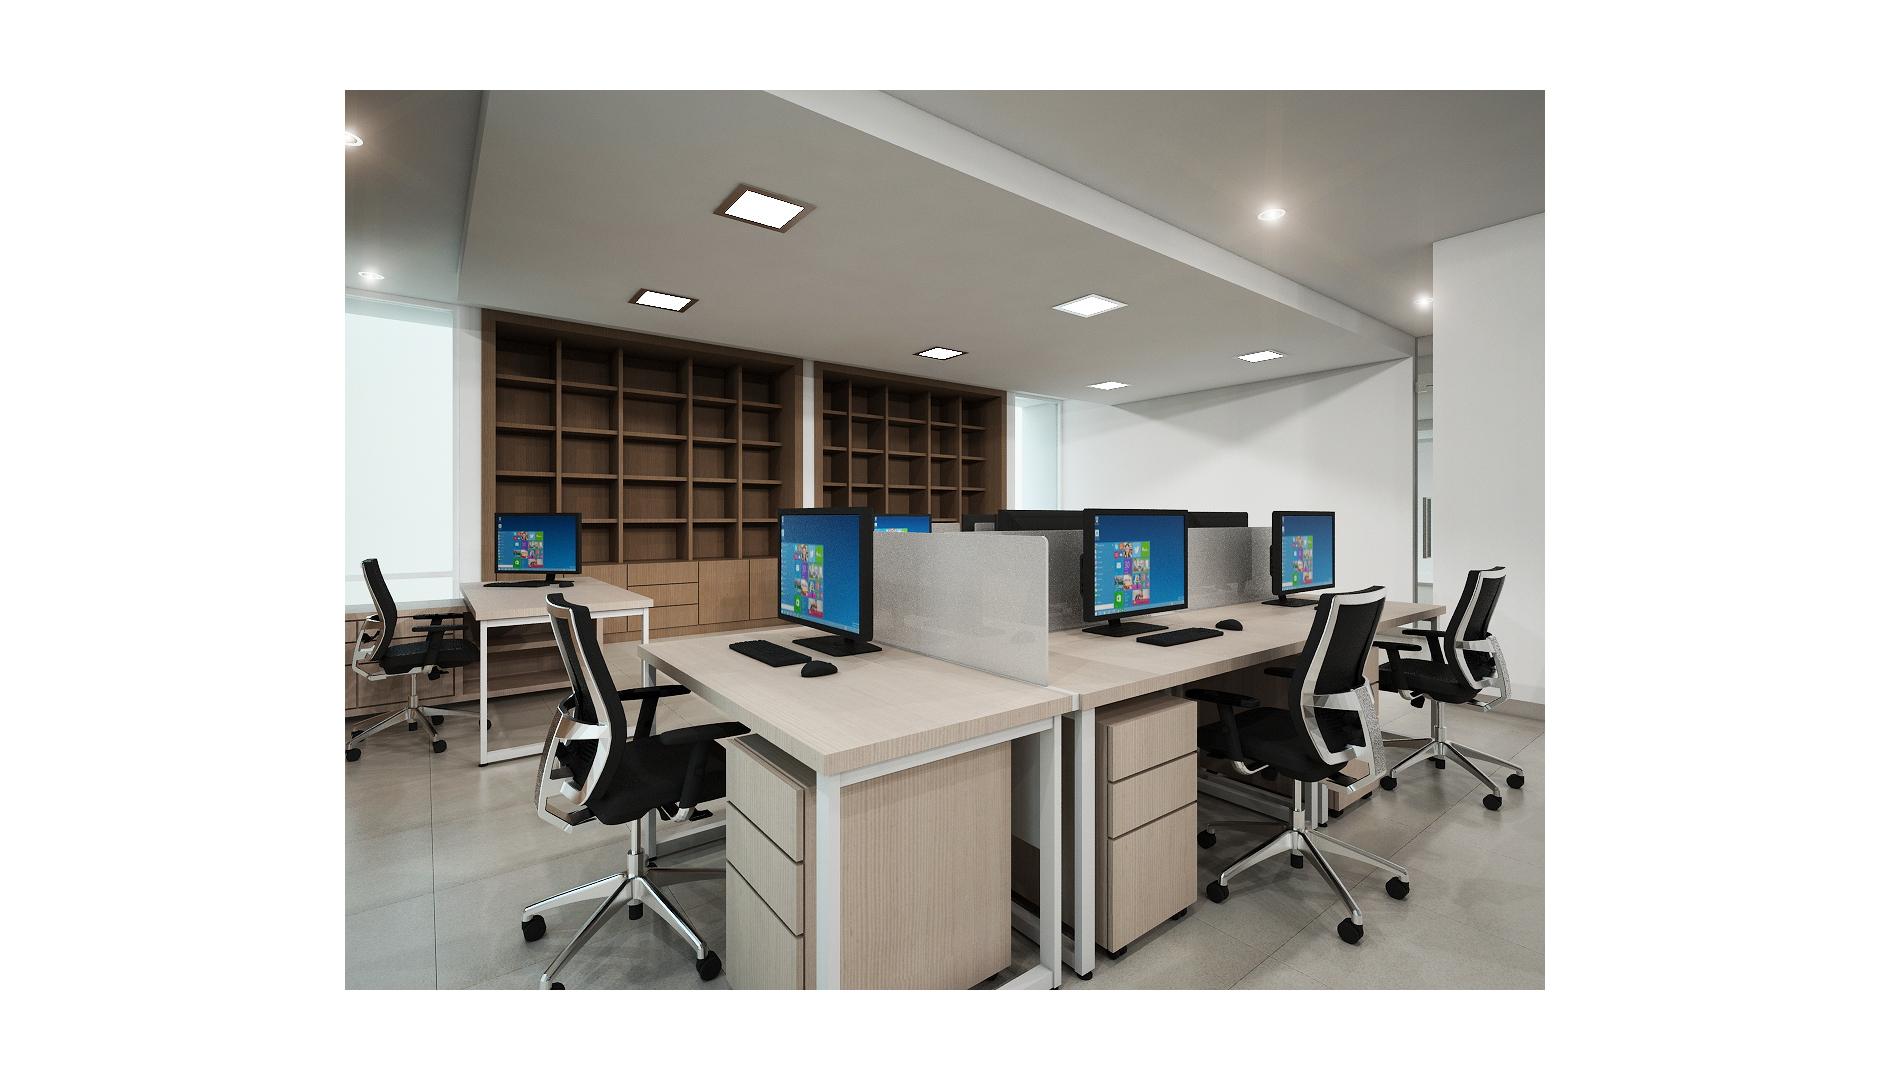 2014-PJB-OFFICE-02